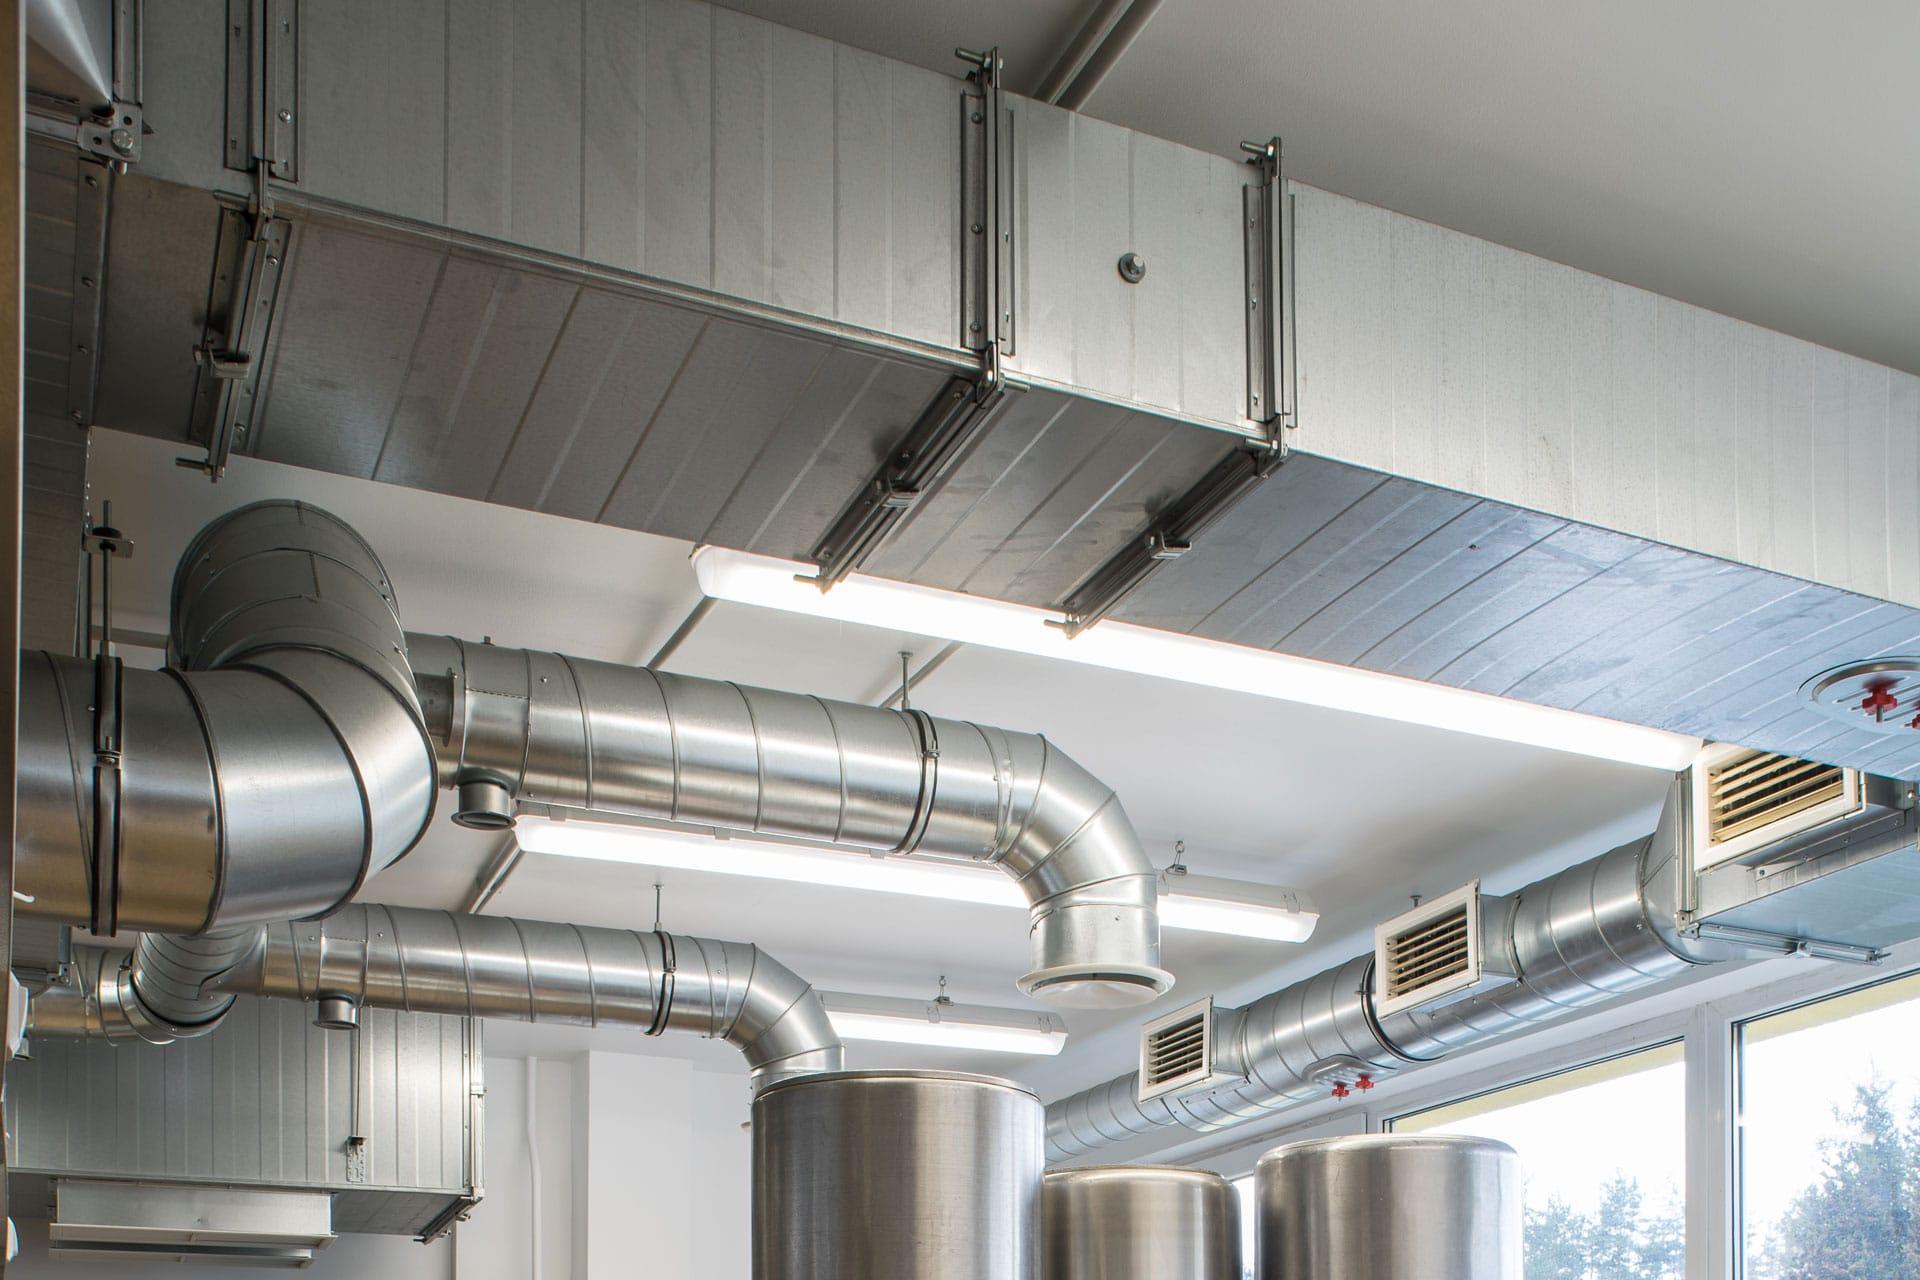 Full Size of Kchenabluftreinigung Vdi 2052 Lftungsanlagenreinigung 6022 Wohnzimmer Küchenabluft